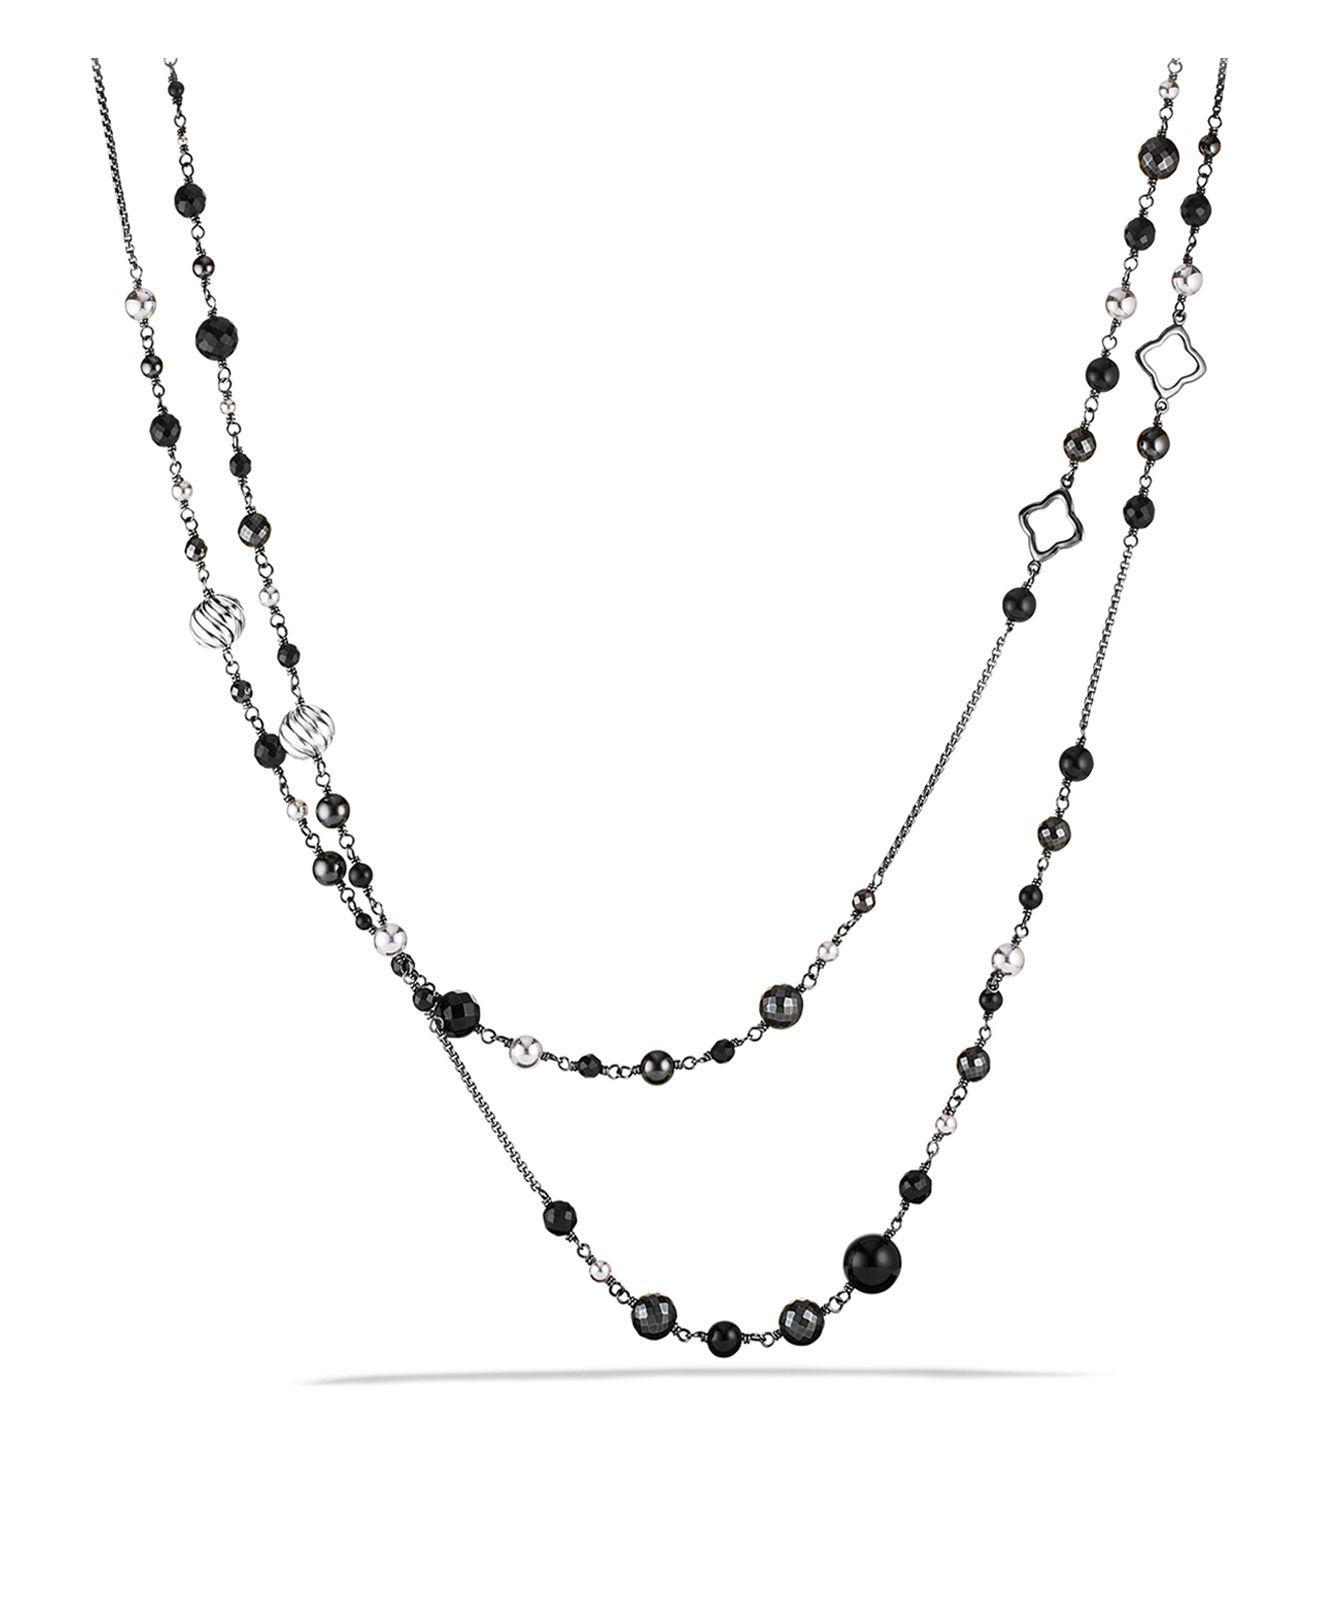 David Yurman Osetra Multi-Strand Hematine Necklace euMnQNkK